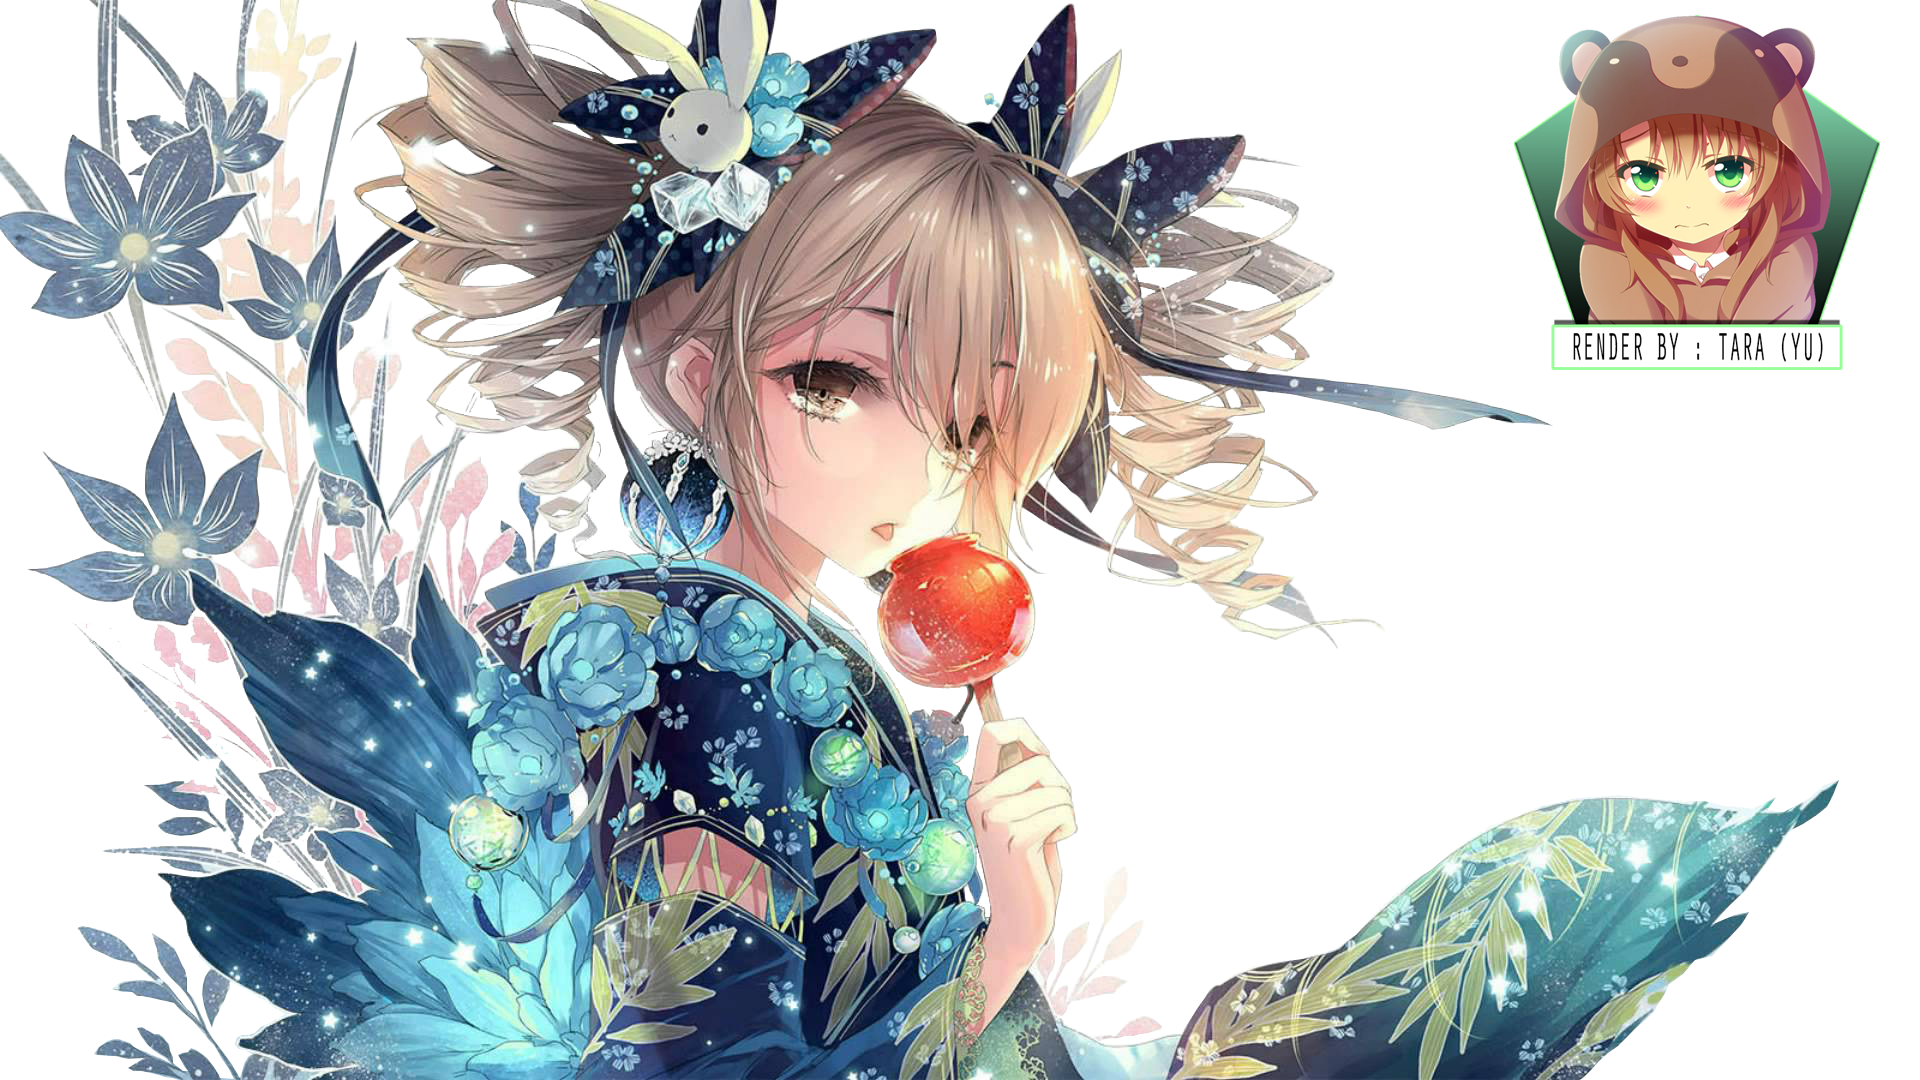 flower's girl renderkokonoearata on deviantart